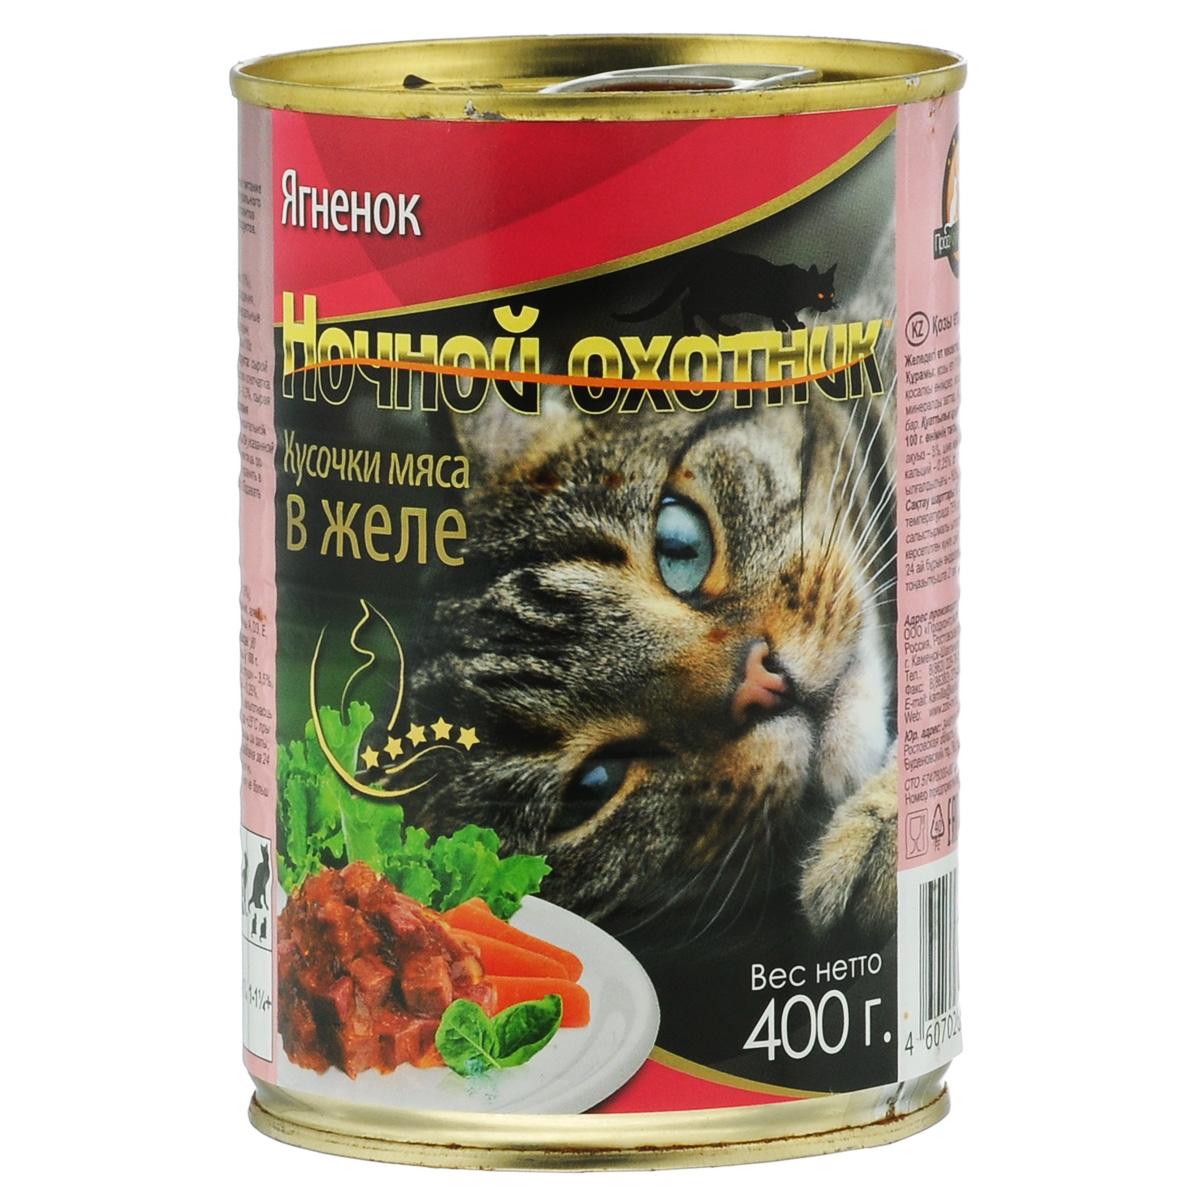 Консервы для взрослых кошек Ночной охотник, с ягненком в желе, 400 г17160Консервы для взрослых кошек Ночной охотник с ягненком в соусе - полноценное сбалансированное питание для взрослых кошек. Изготовлены из натурального мяса, без содержания сои, консервантов и ГМО продуктов. В состав корма входят питательные вещества, белки, минеральные вещества, витамины, таурин и другие компоненты, необходимые кошке для ежедневного питания. Состав: мясо ягненка не менее 10%, мясо и субпродукты животного происхождения, злаки, растительное масло, минеральные вещества, таурин, витамины А, D, E. Пищевая ценность в 100 г: сырой белок - 7%, сырой жир - 3,5%, сырая клетчатка - 0,4%, кальций - 0,25%, фосфор - 0,3%, сырая зола - 2%, влажность 80%. Вес: 400 г. Энергетическая ценность: 80 ккал/100г. Товар сертифицирован.